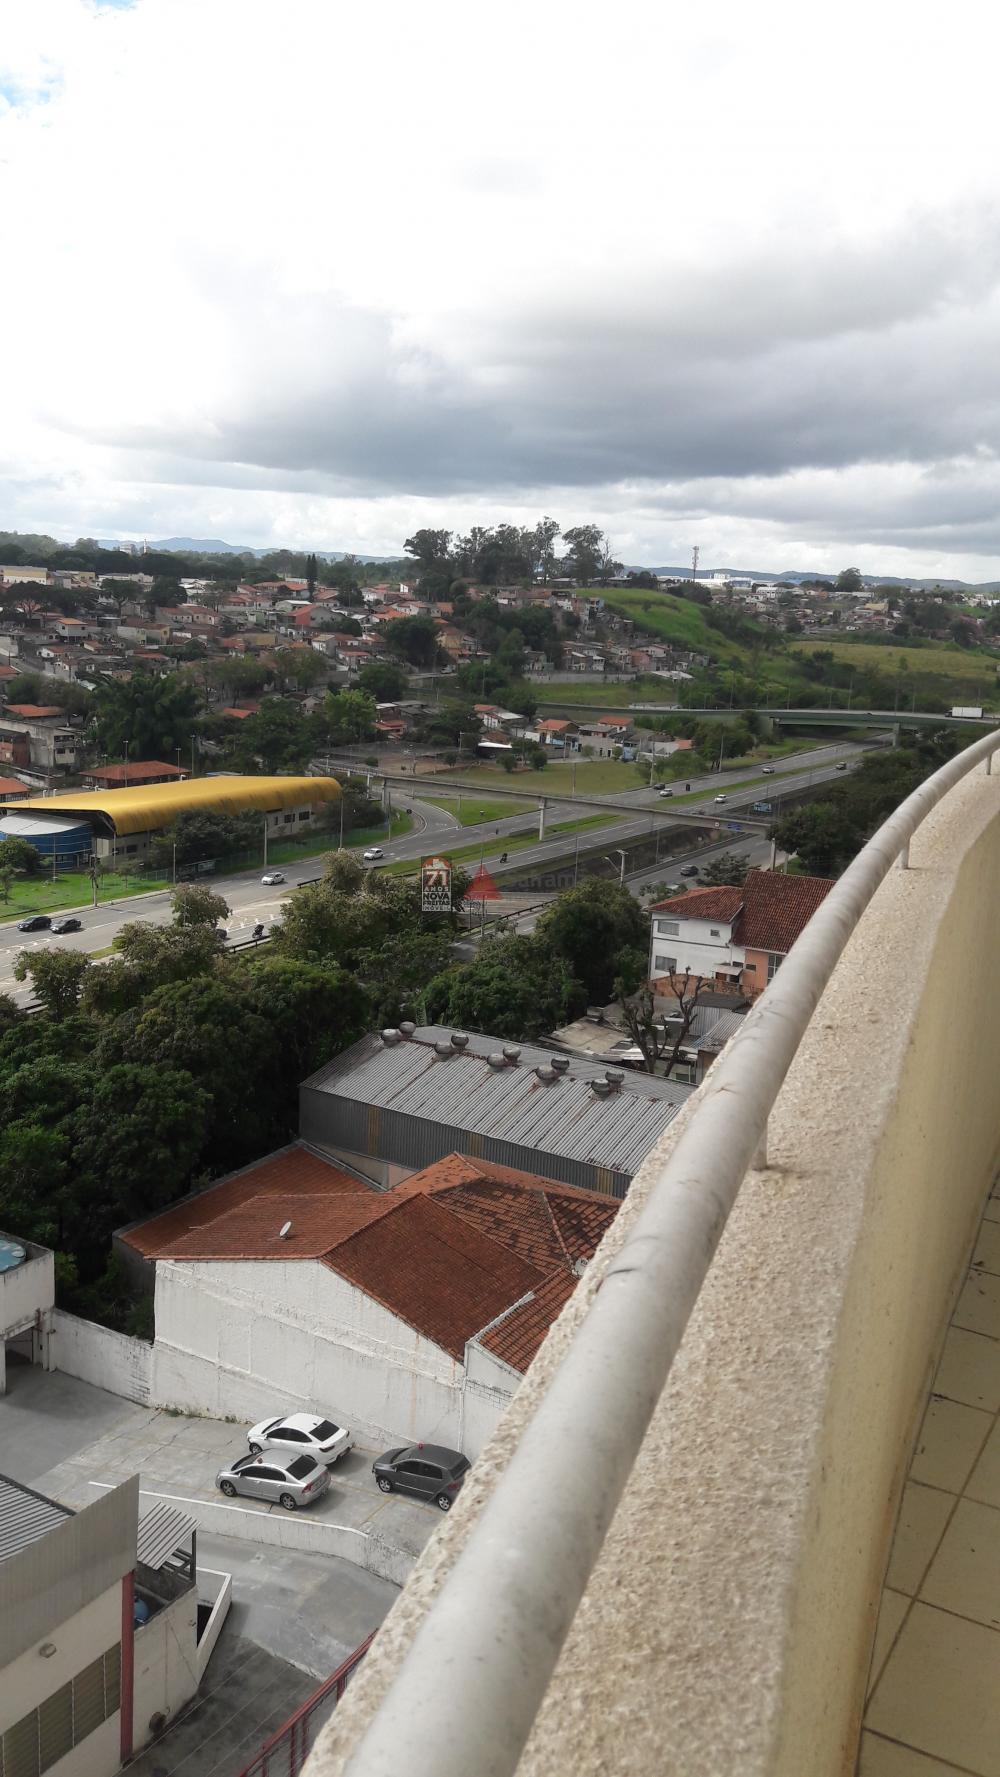 Comprar Apartamento / Padrão em São José dos Campos R$ 544.359,07 - Foto 10